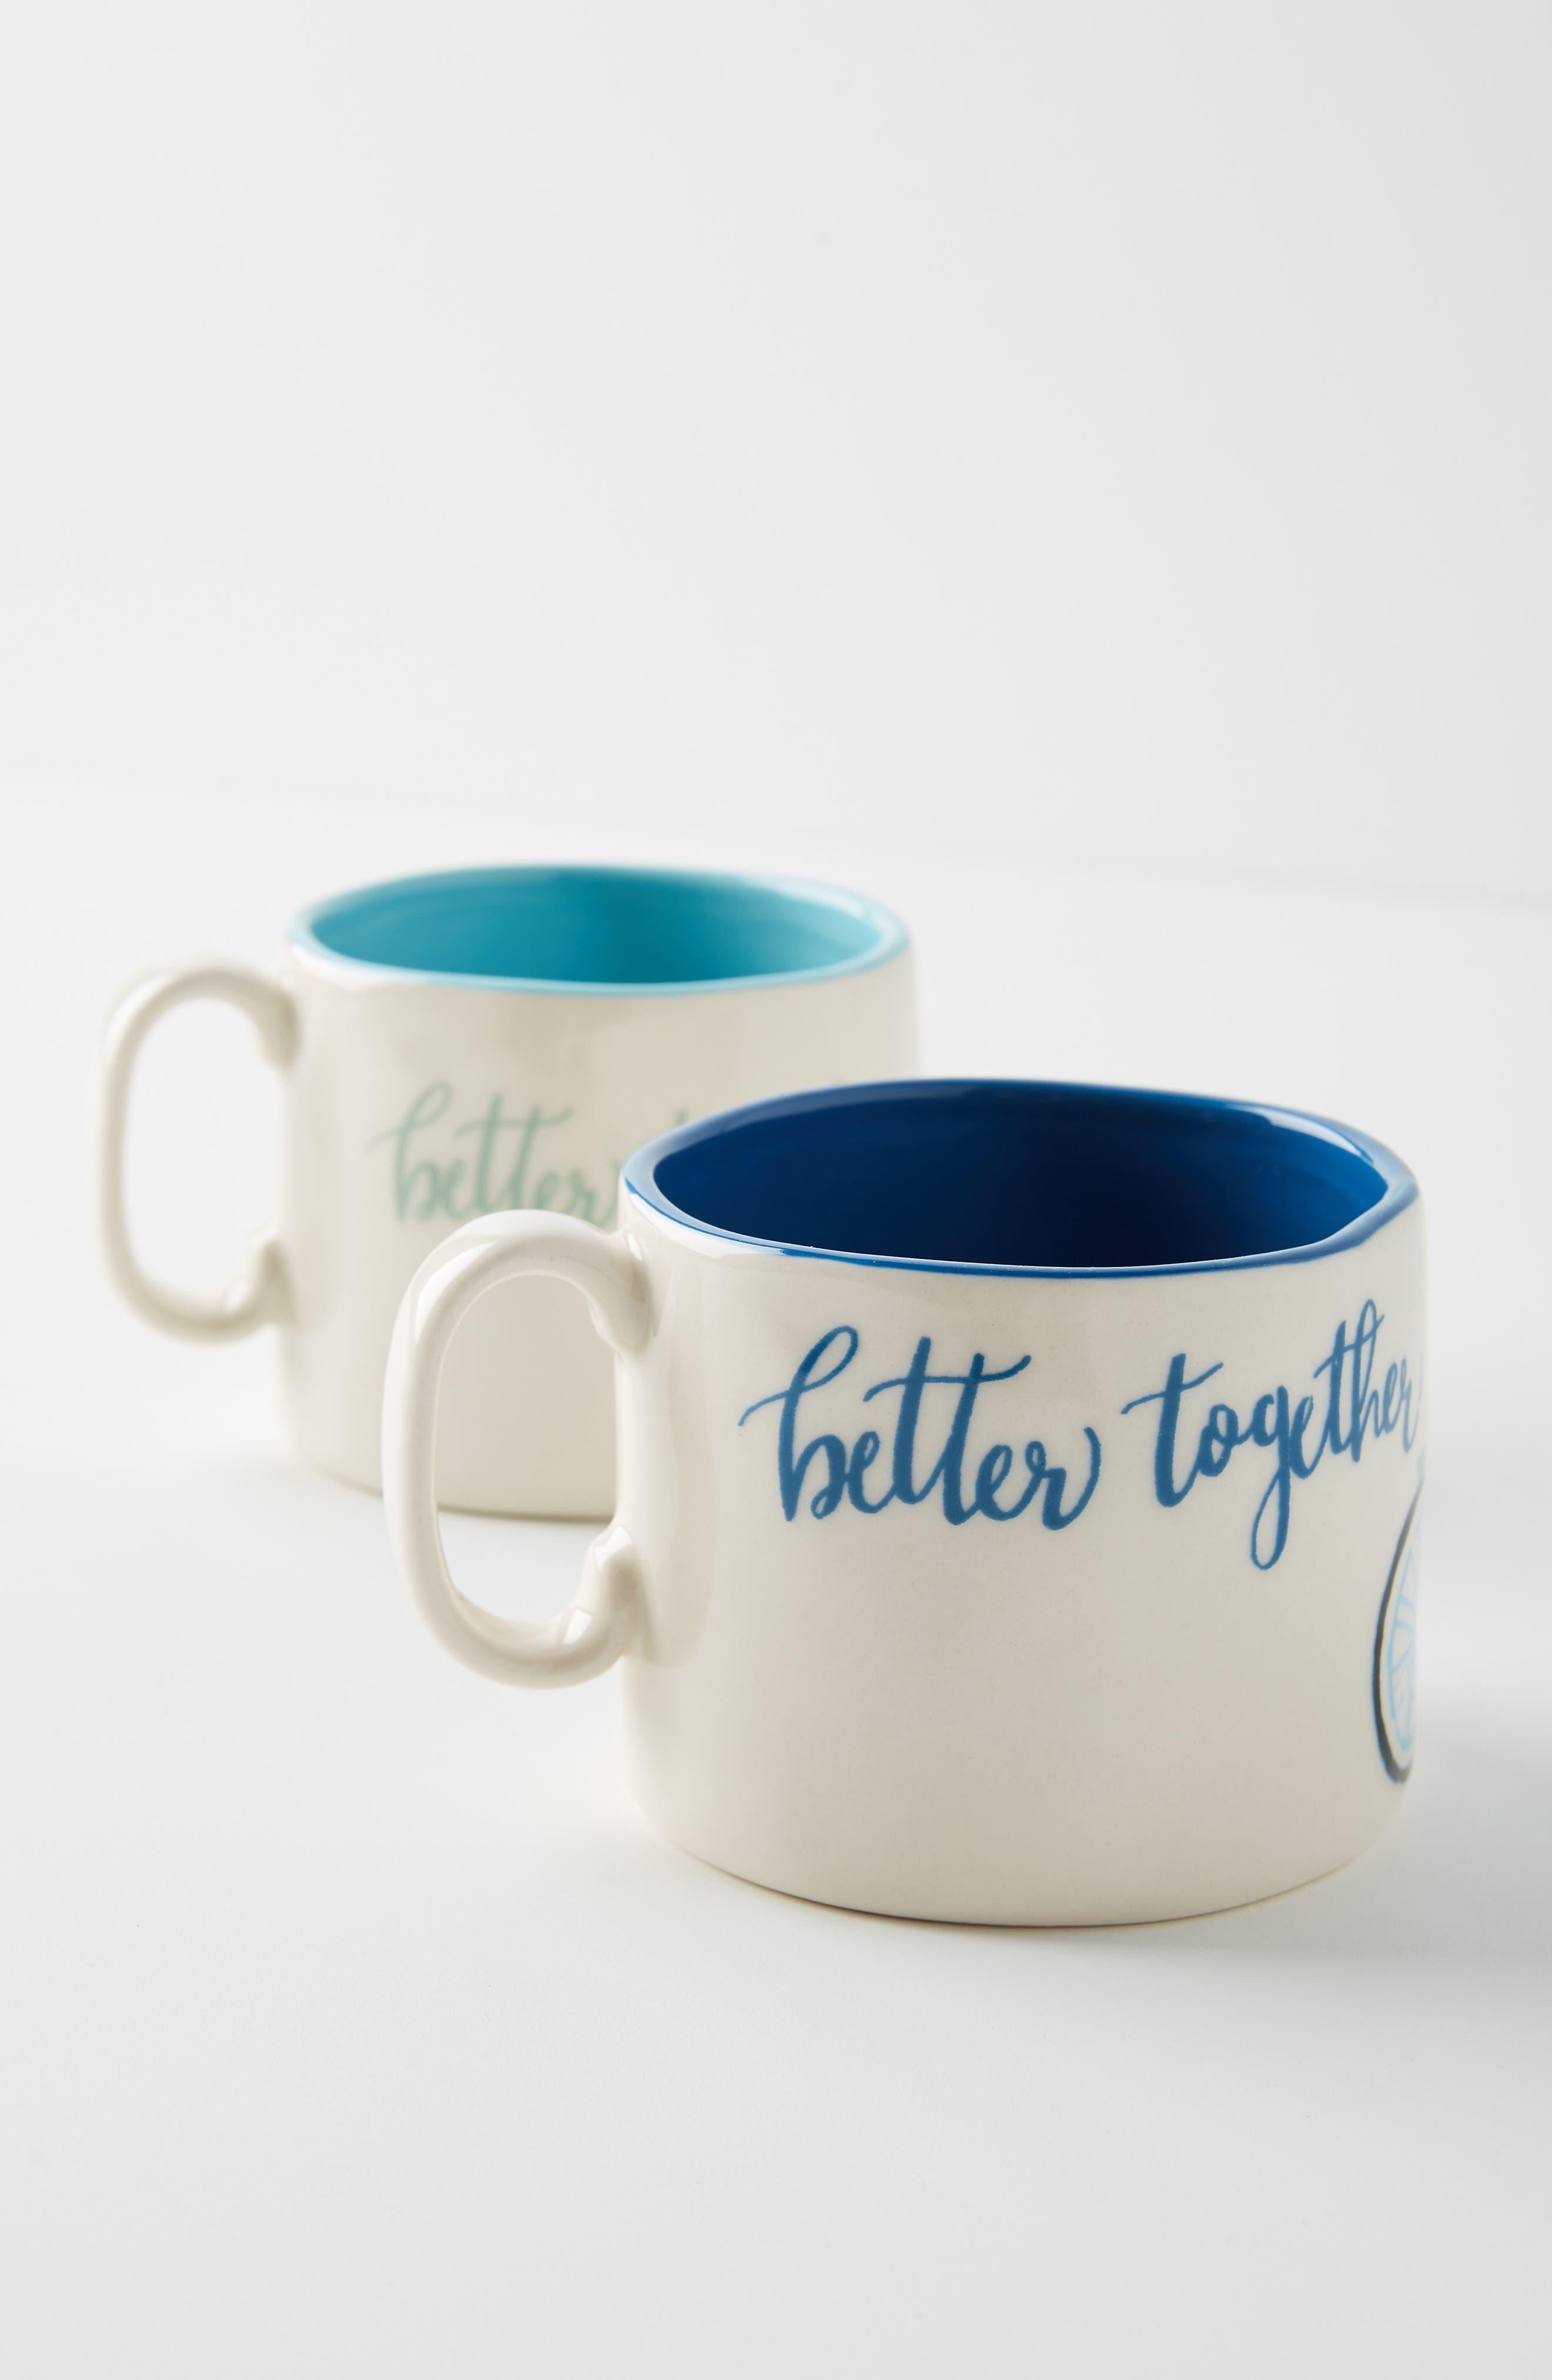 ANTHROPOLOGIE,                             Tandem Mug Set of 2 Mugs,                             Alternate thumbnail 5, color,                             BETTER TOGETHER